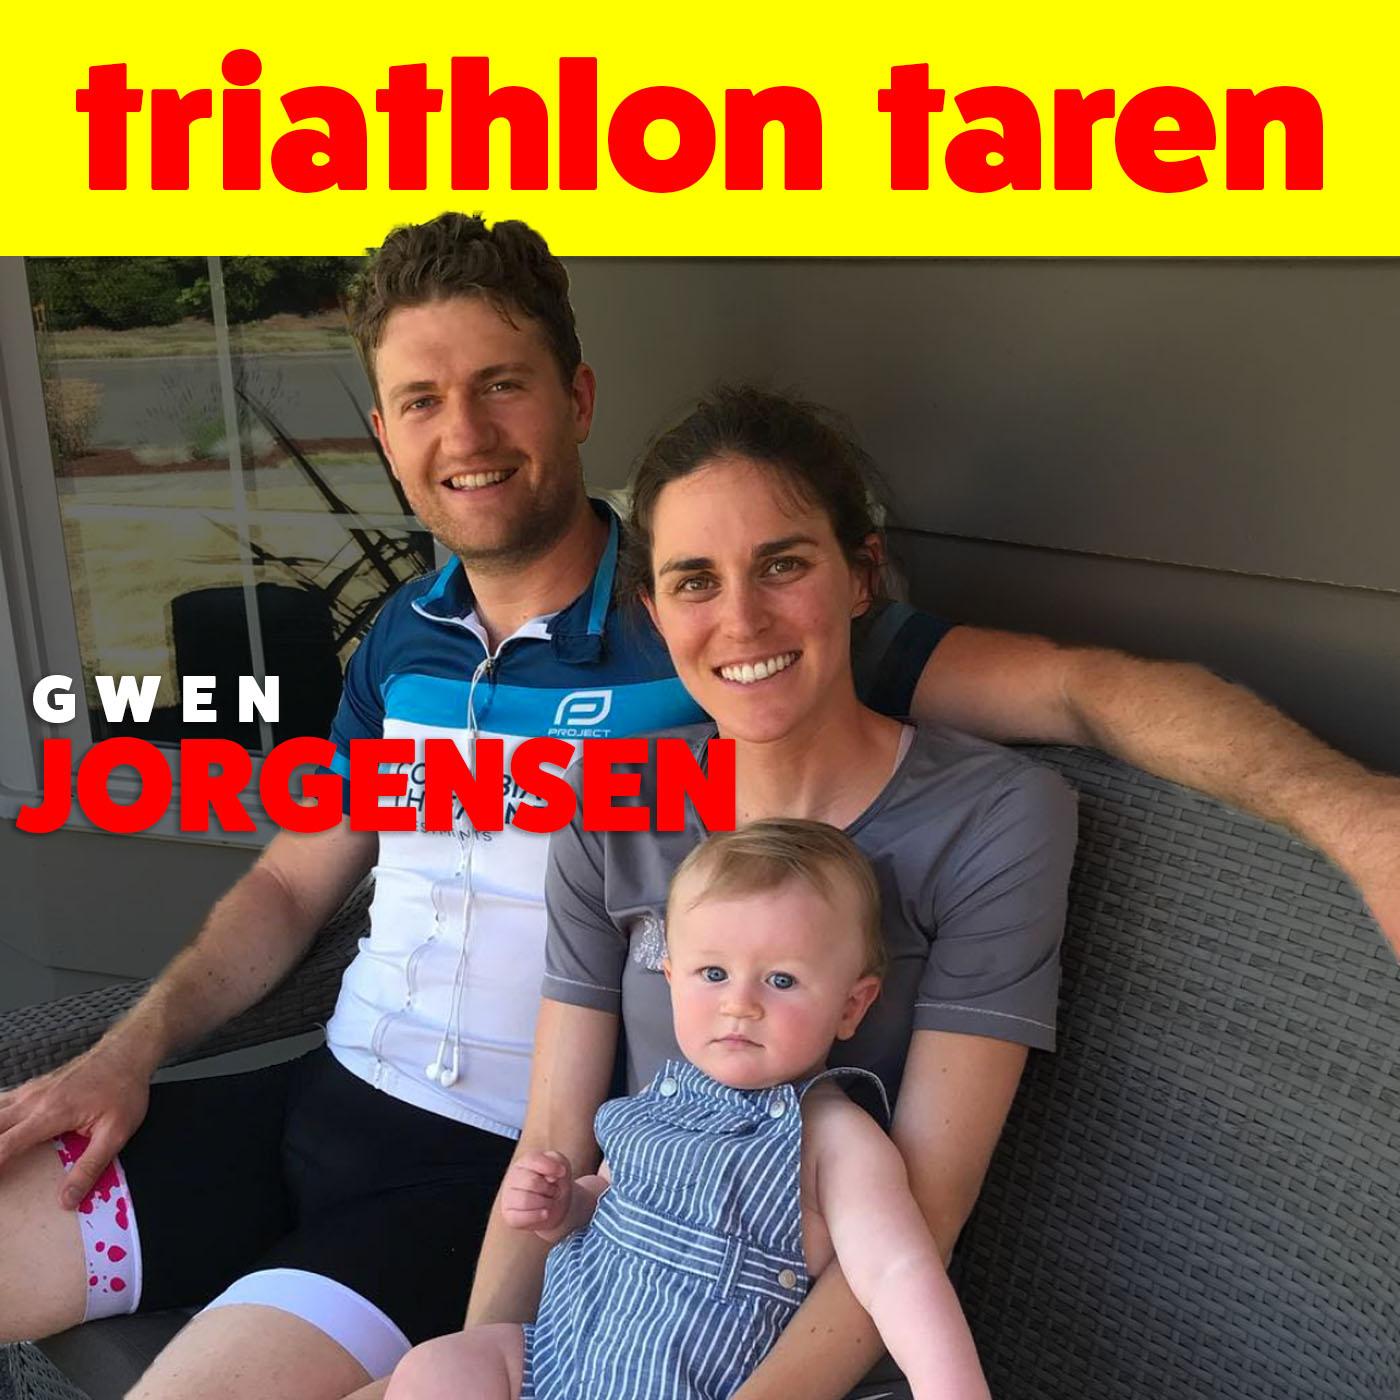 Reigning Olympic gold medalist Gwen Jorgensen leaves triathlon for marathon